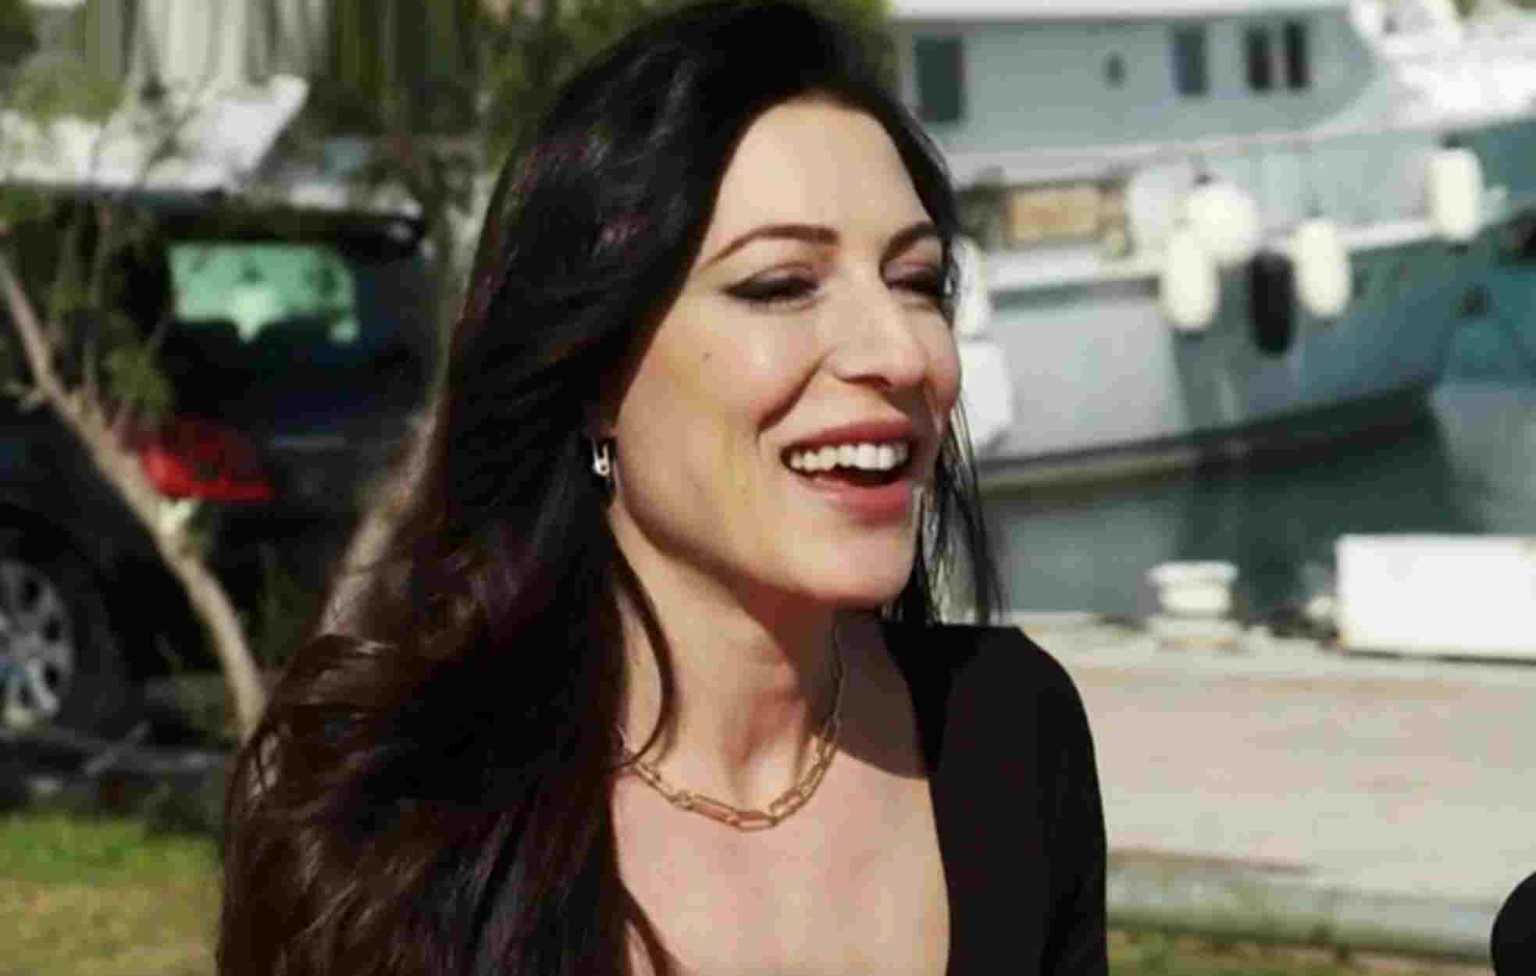 Φλορίντα Πετρουτσέλι: «Ήμουν ασυμπτωματική και κόλλησα όλη την οικογένεια»